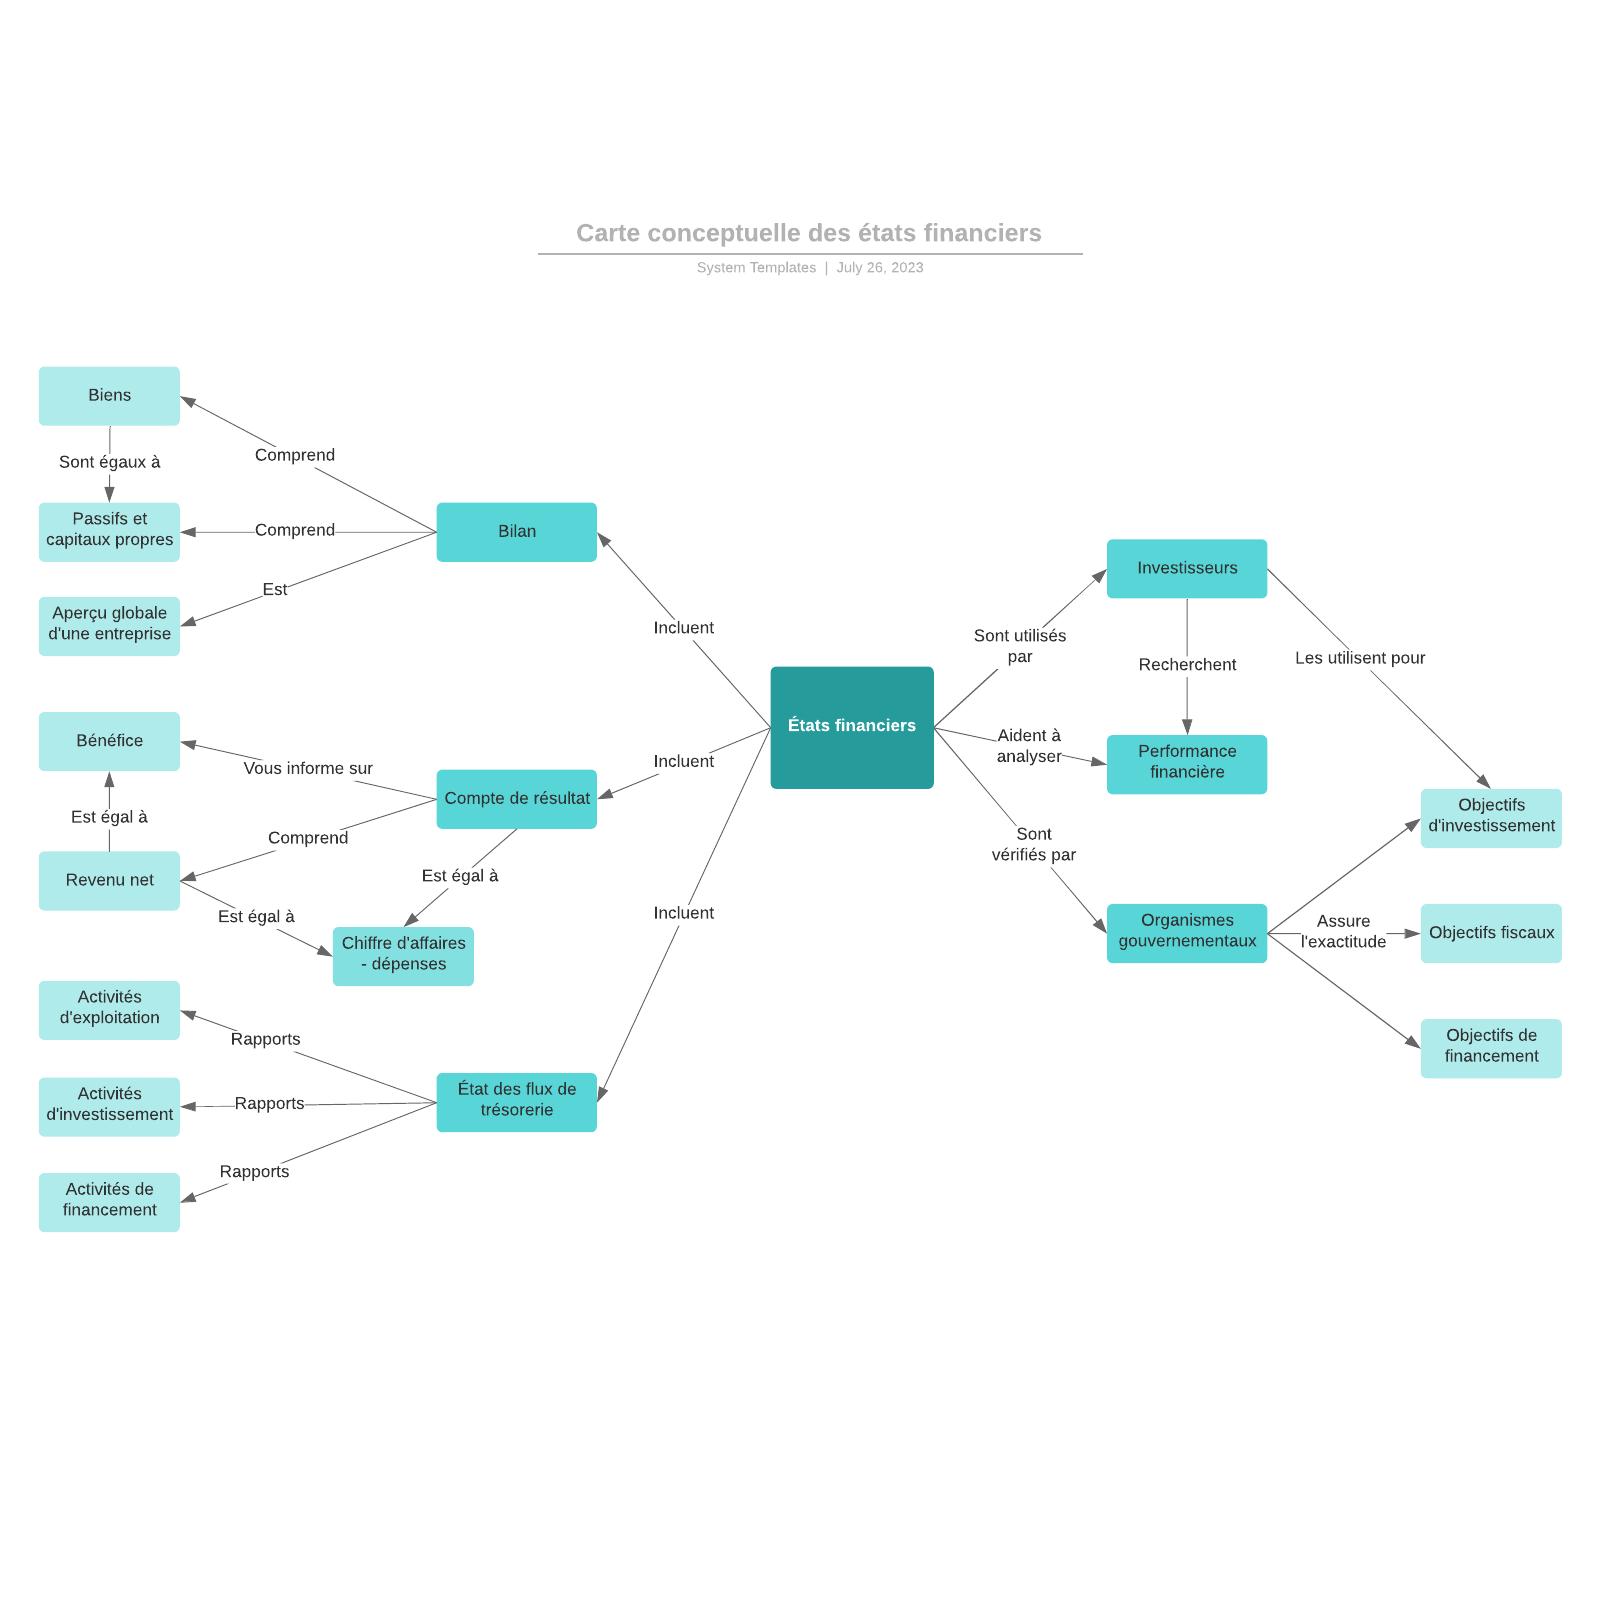 exemple de carte conceptuelle des états financiers